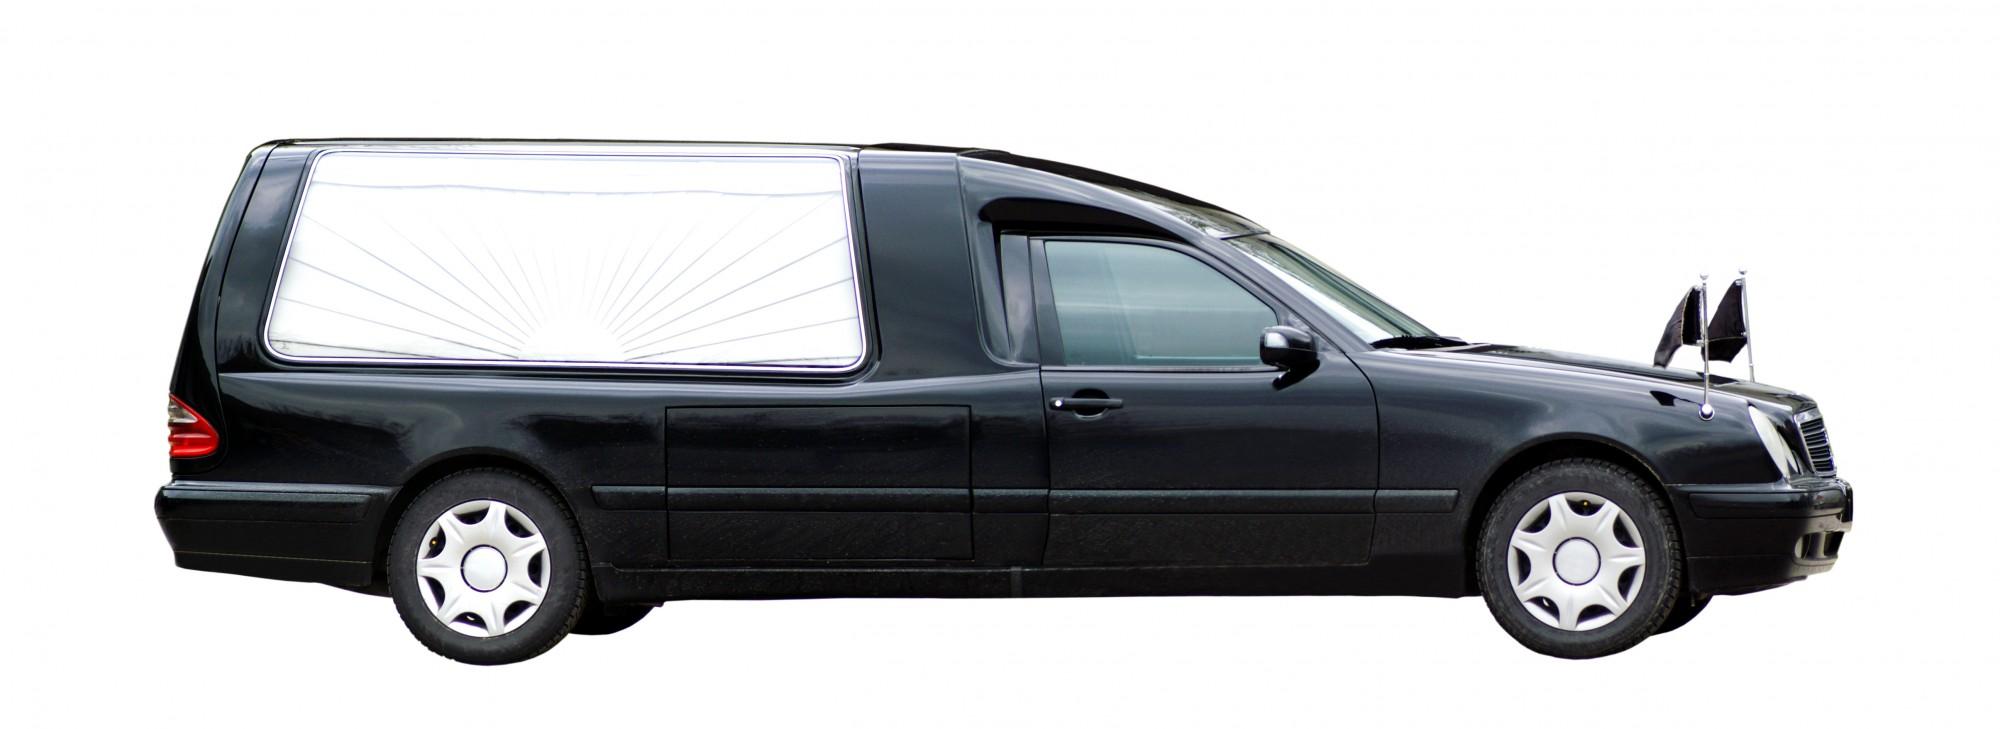 Begrafeniskosten berekenen